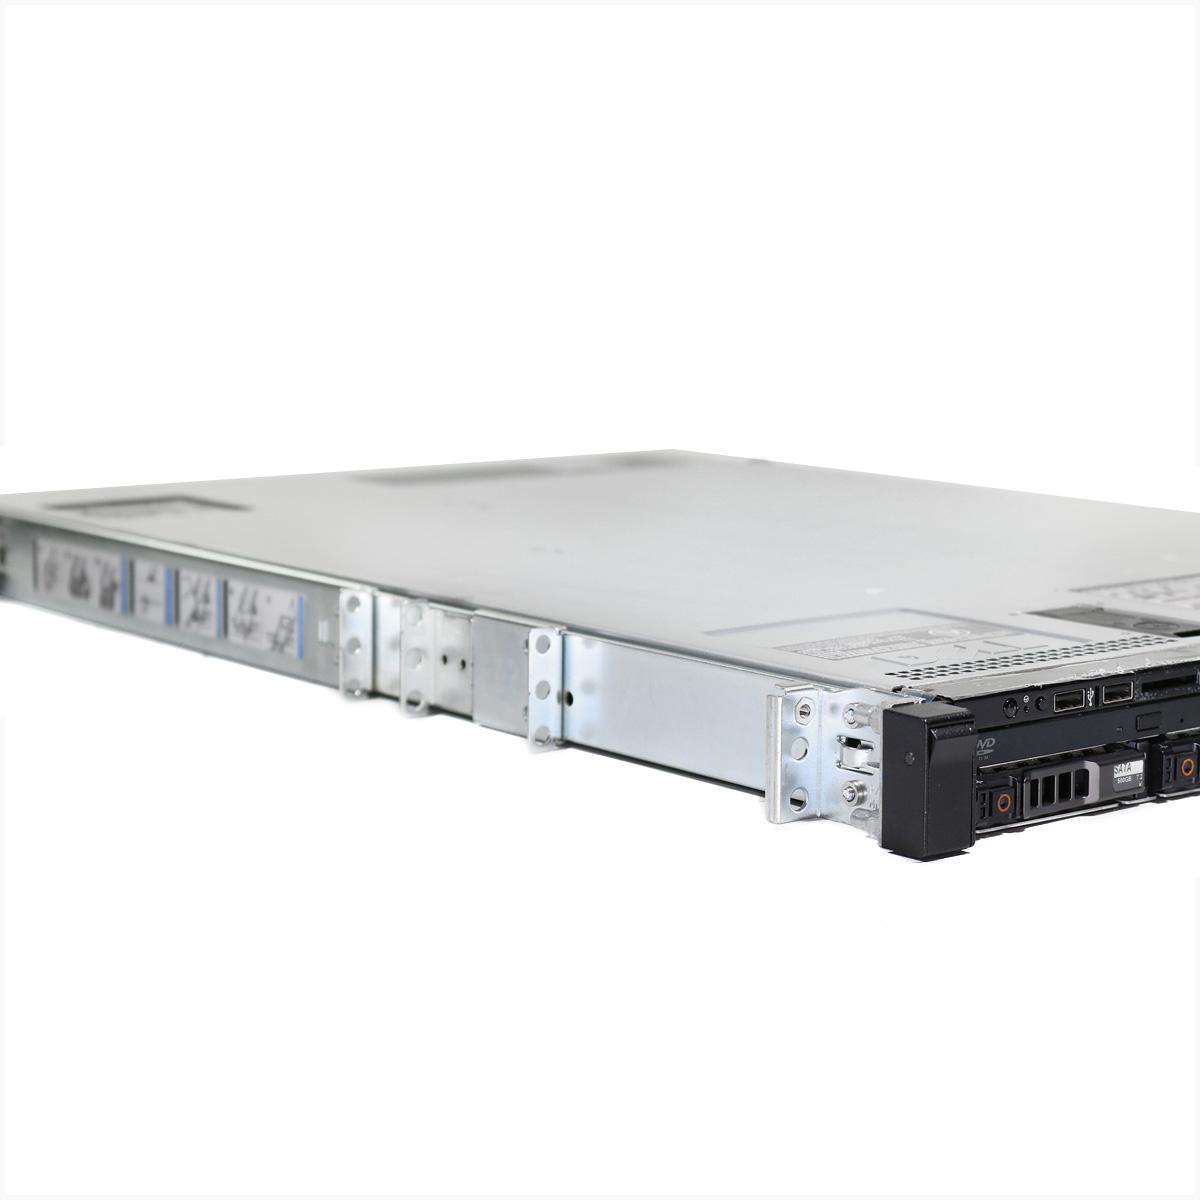 Servidor dell r620 xeon e5-2630 128gb 2x 1tb - usado